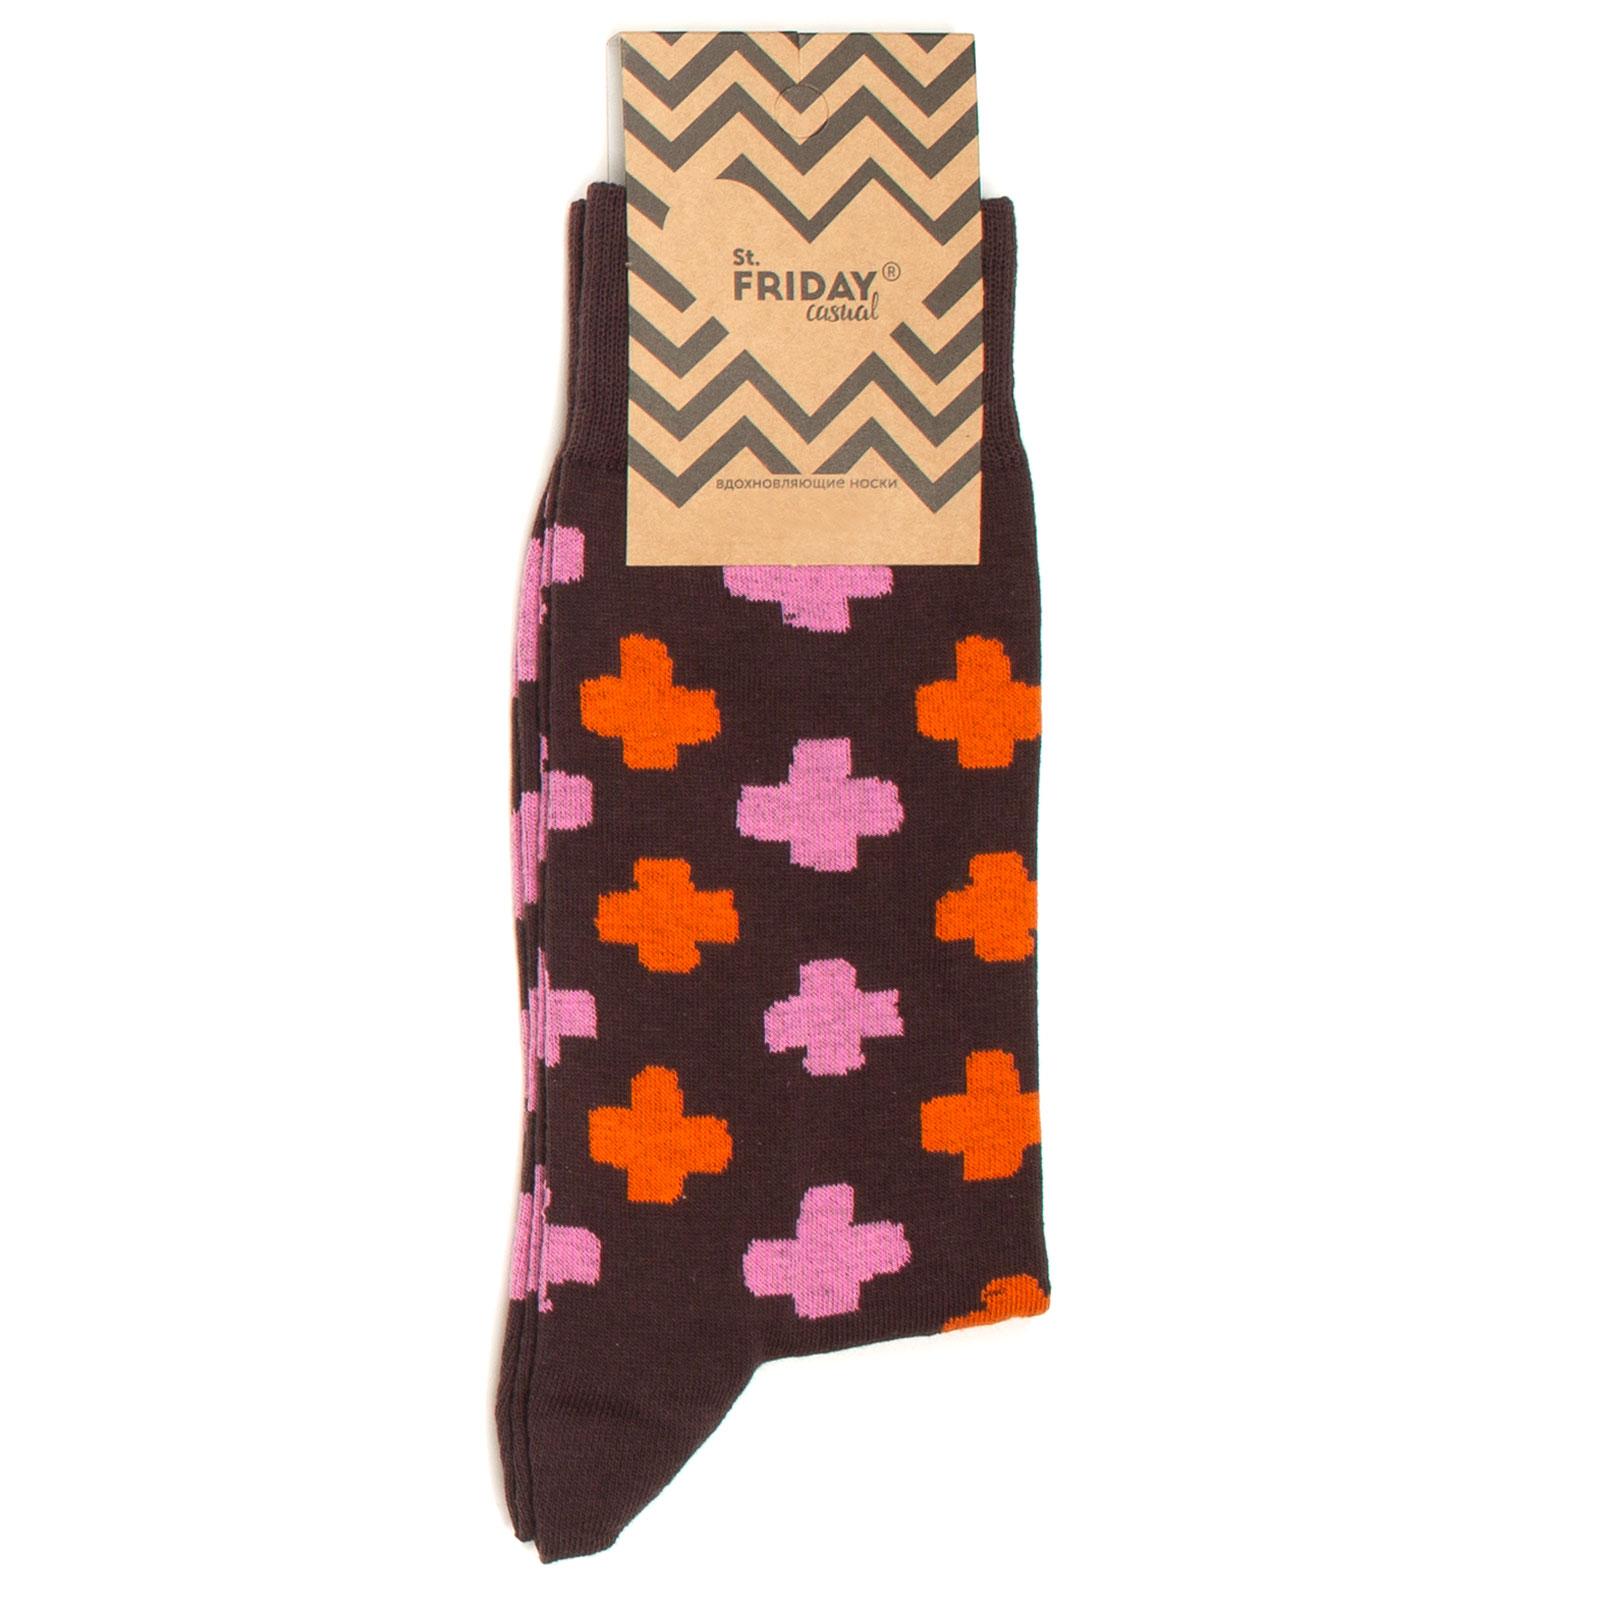 Носки унисекс St. Friday Casual_Plus коричневые 42-46